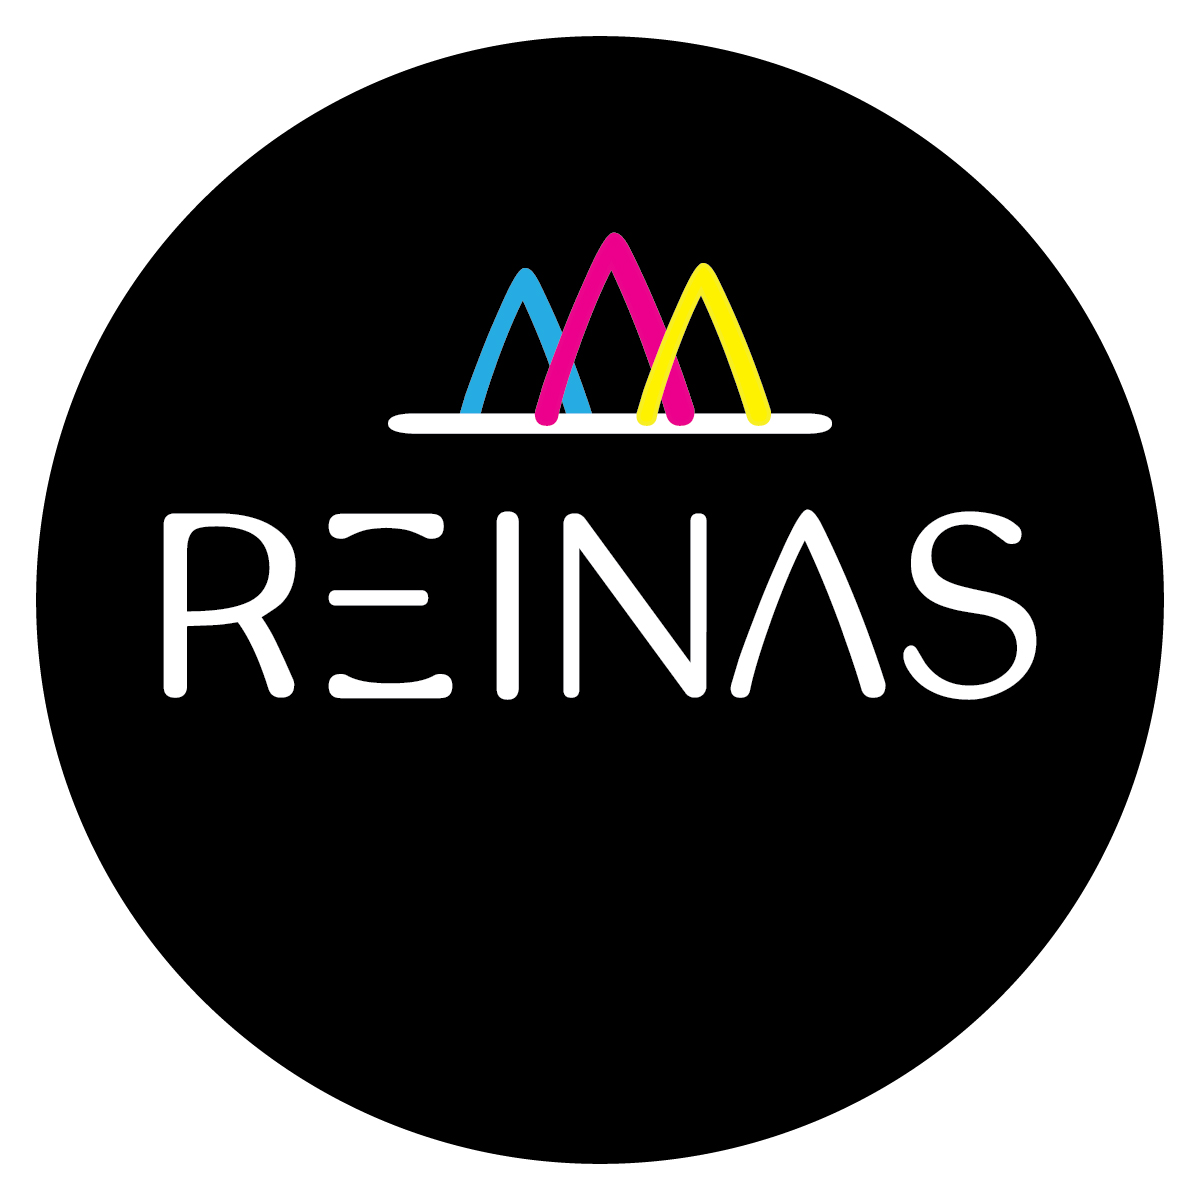 Reinas-Black-Circle-Logo.jpg